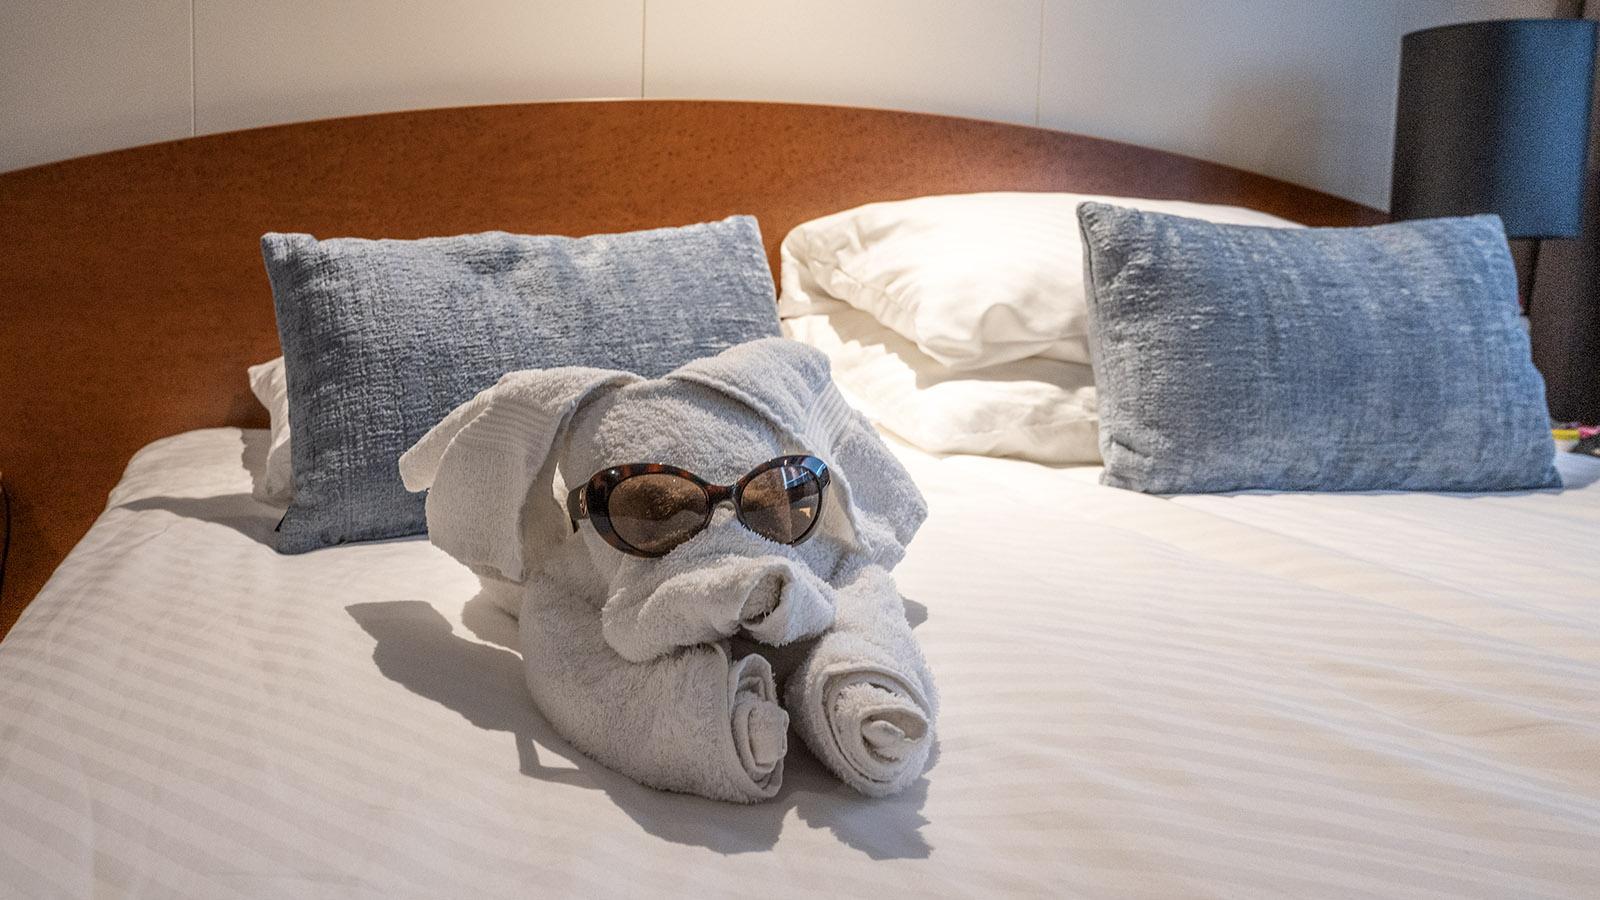 Auch diesen lässigen Hund erhielten wir als Handtuchdeko - schwupps setzte ich ihm die Sonnenbrille auf. Foto: Hilke Maunder